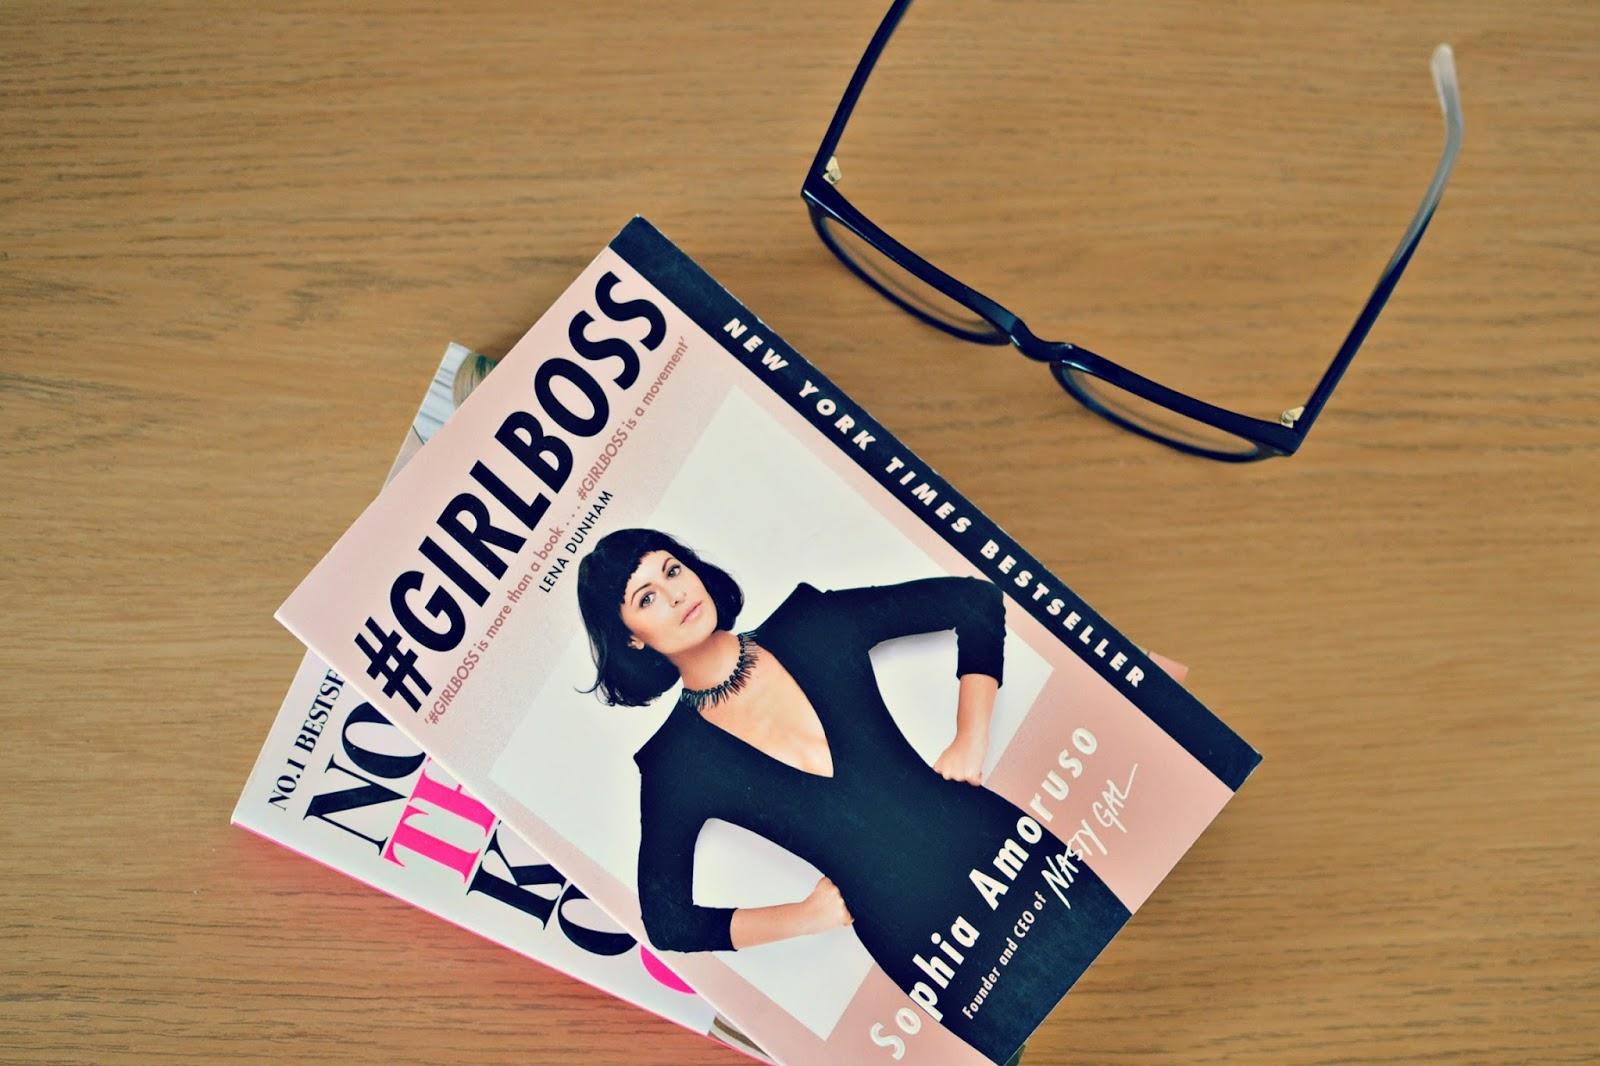 Girlboss Sophia Amoruso #girlboss